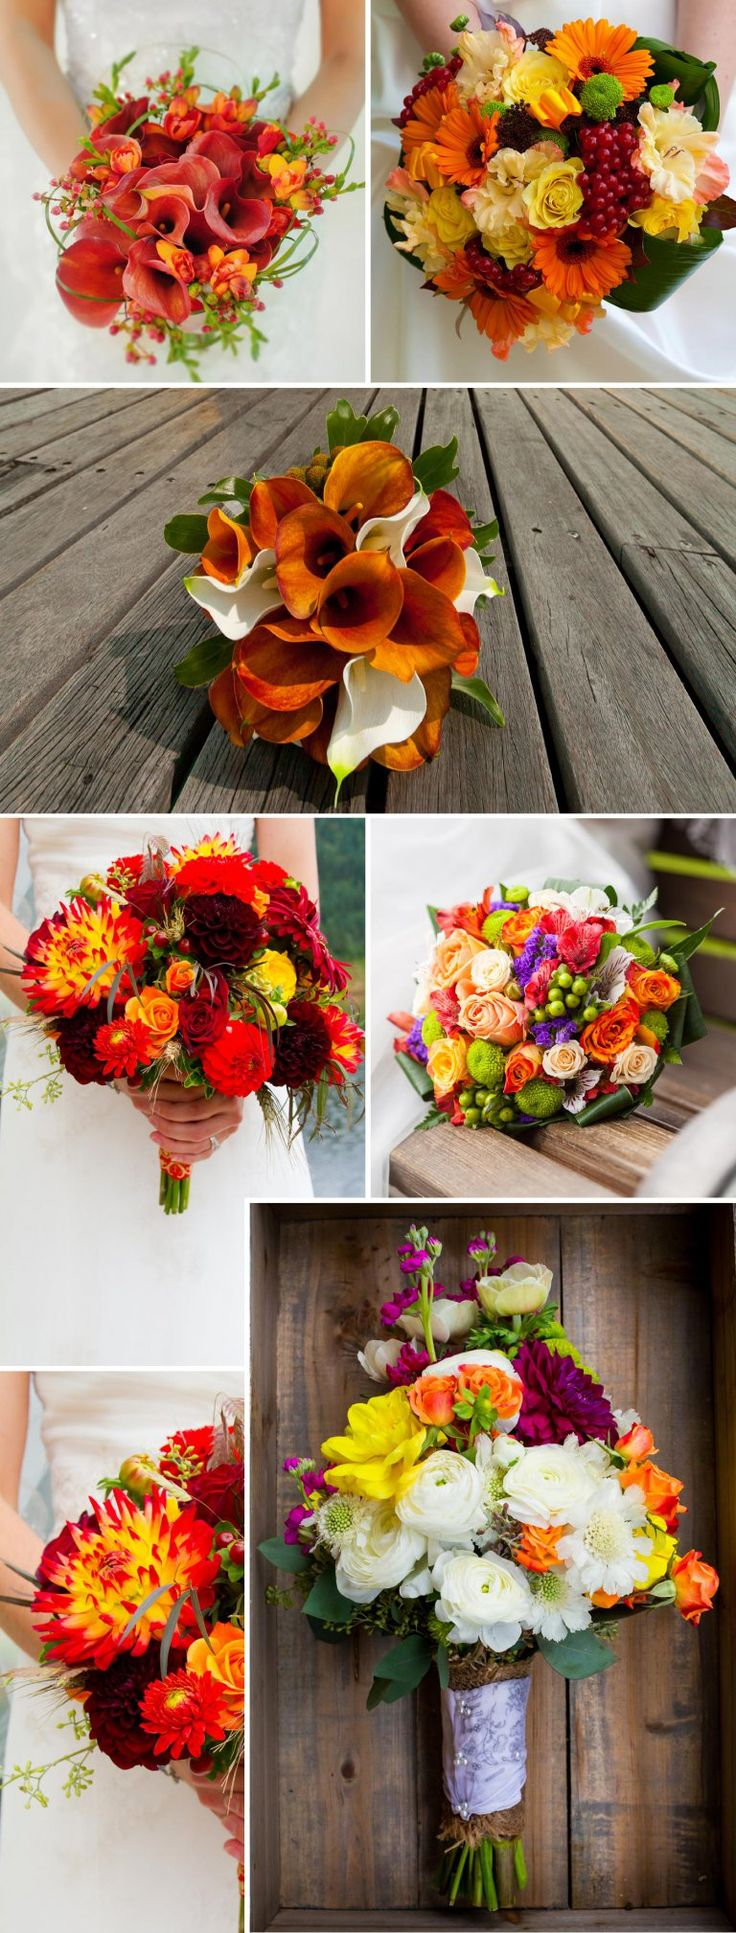 Die 38 schönsten Brautsträuße für den Herbst   – Herbstliche Hochzeit